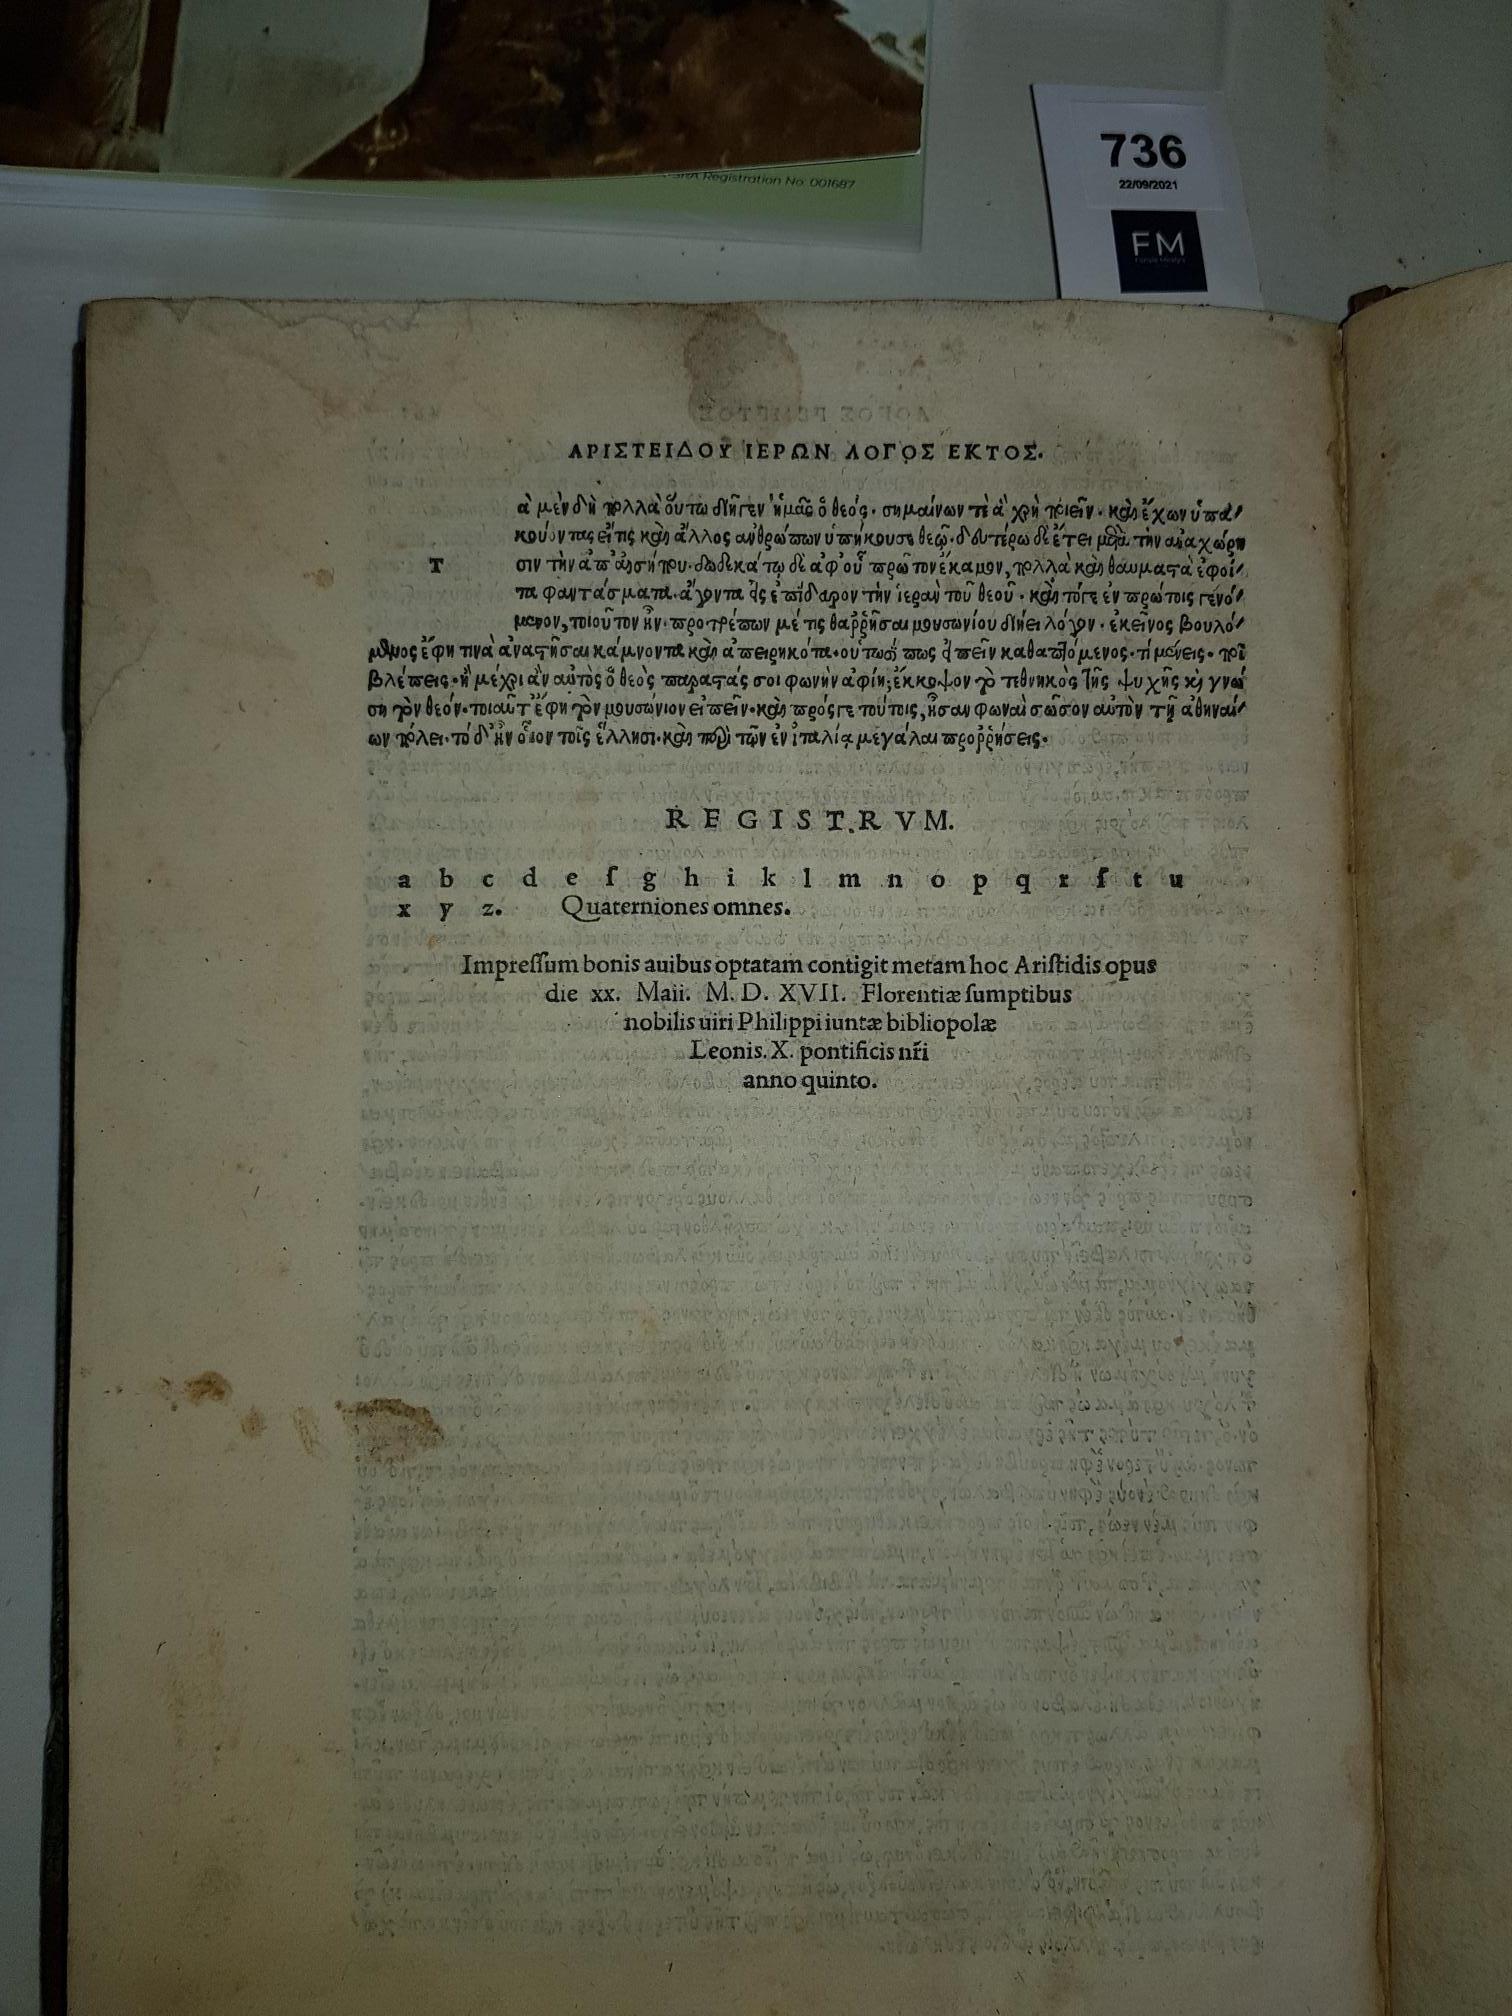 Aristeides (Publius Aelius) Orationes Aristidis, Folio Florence (Philippi Giunta) 1517. Simple title - Image 4 of 4